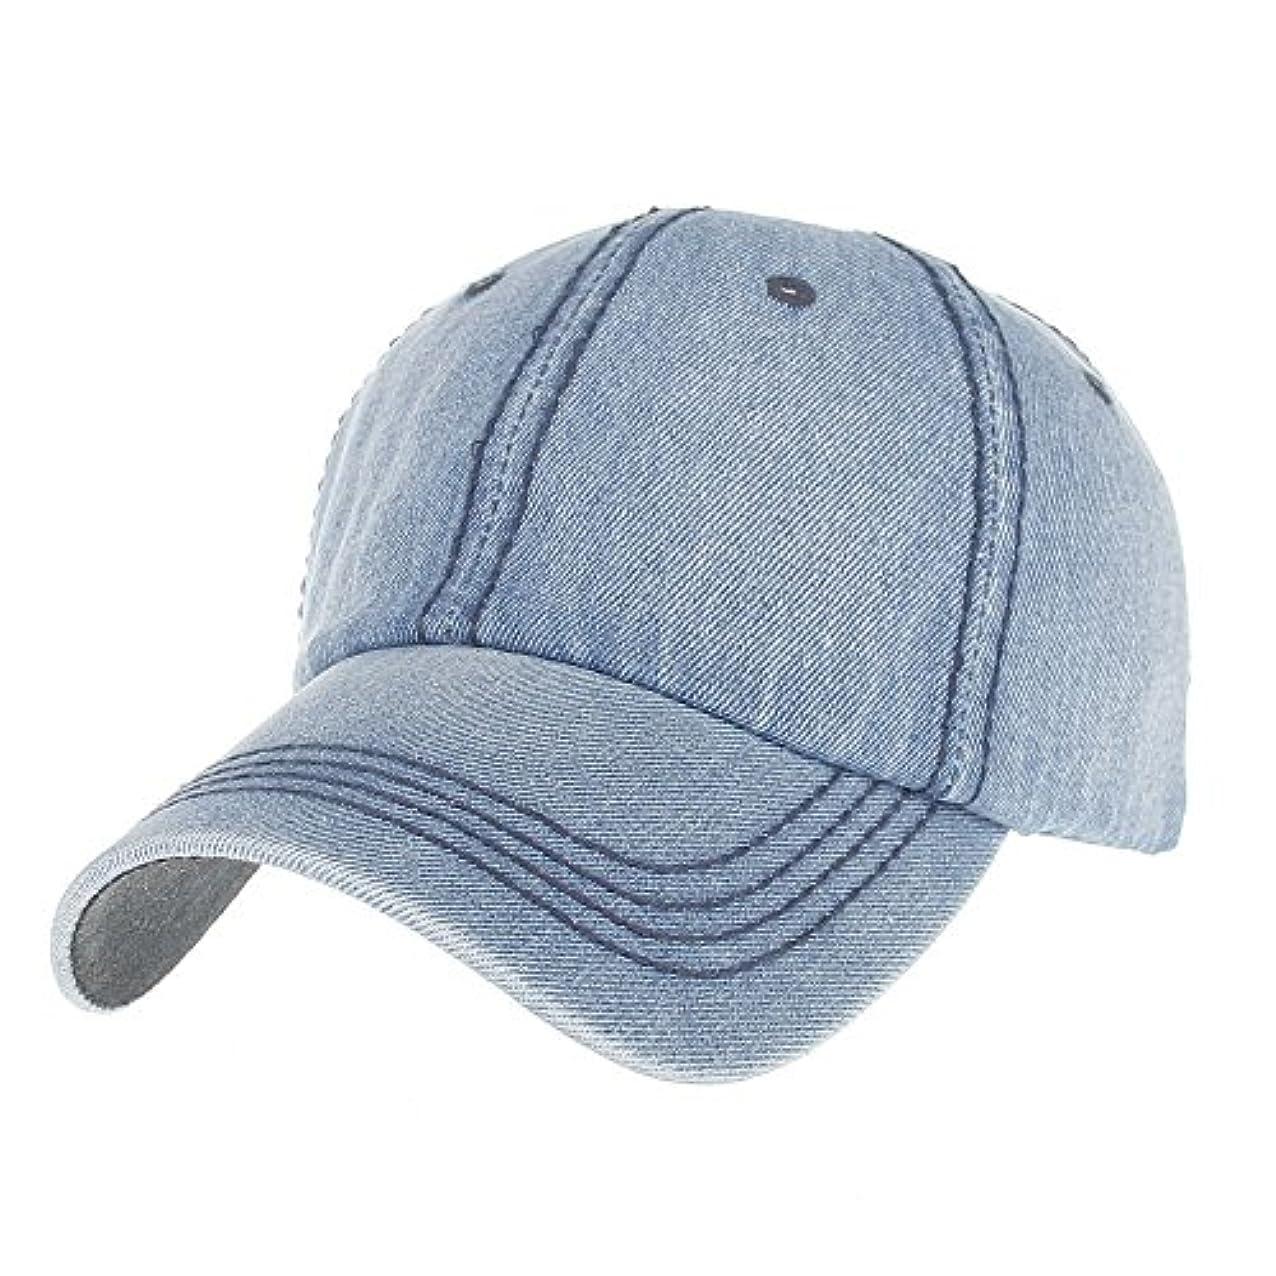 問題値下げお気に入りAlwlj 春と秋の潮ファッションカウボーイ屋外野球帽ライト